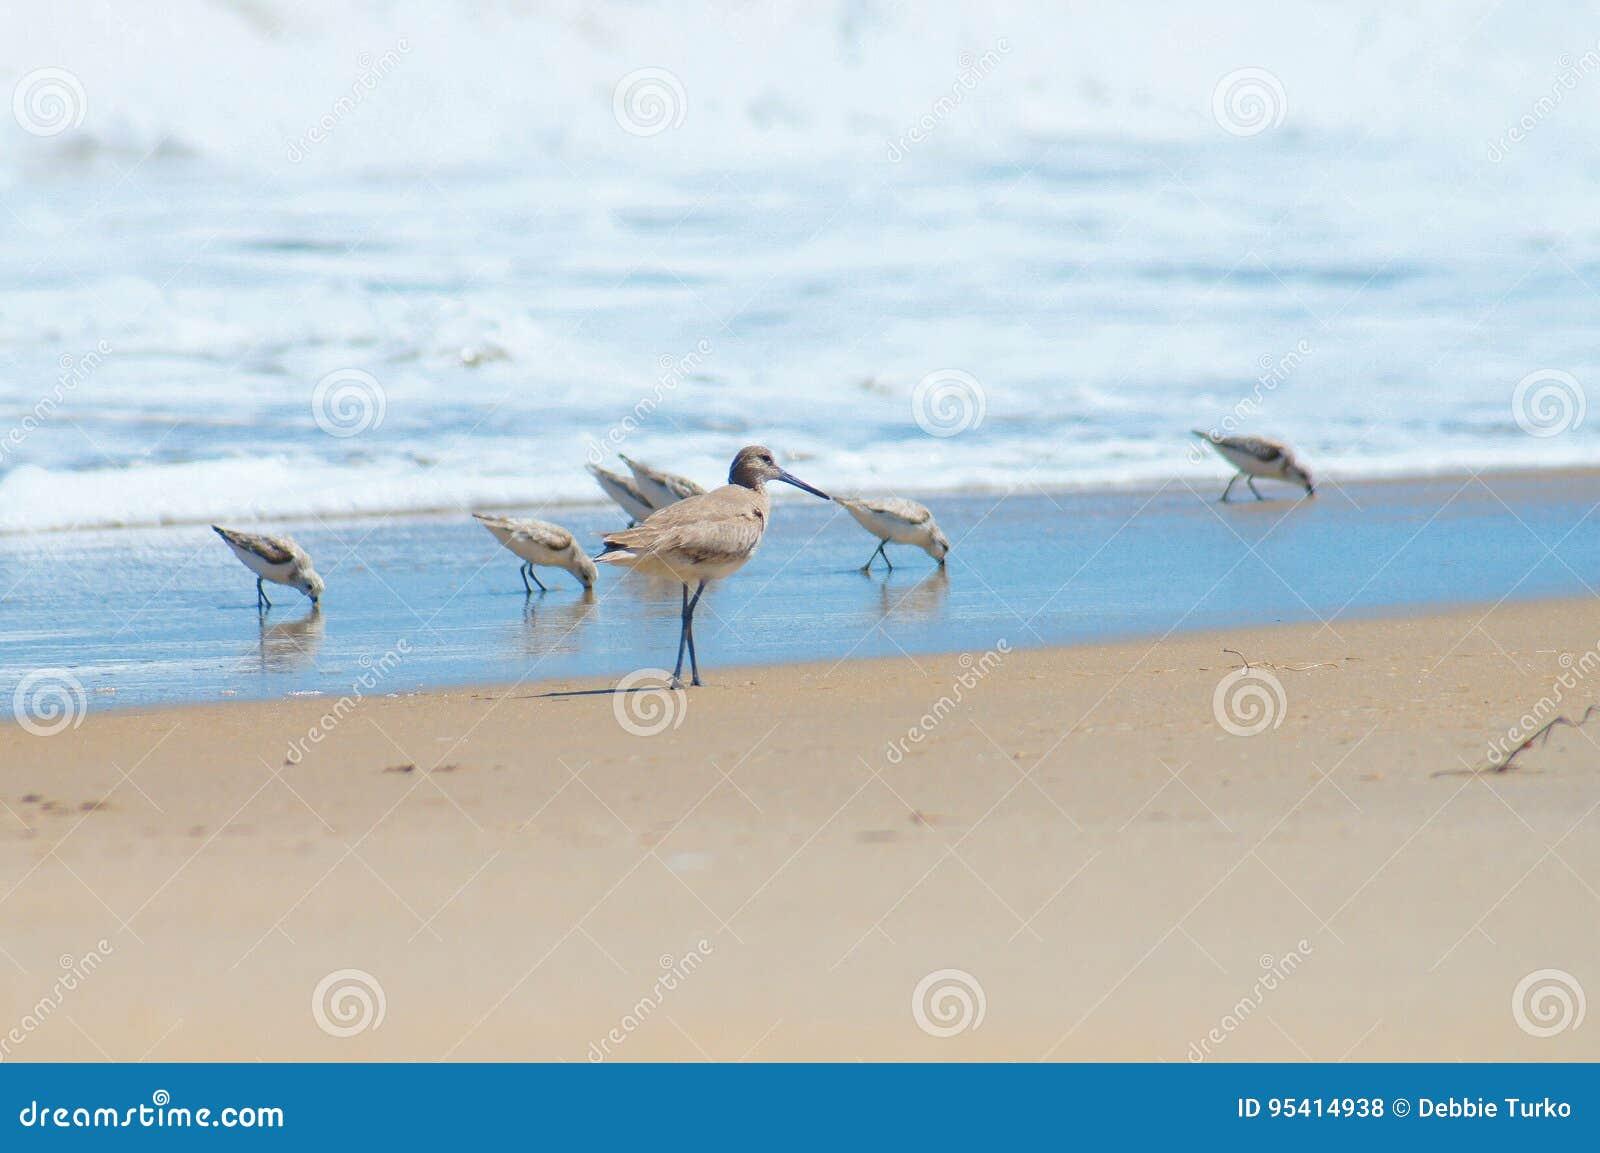 Flussuferläufer in einer Gruppe an der Küstenlinie